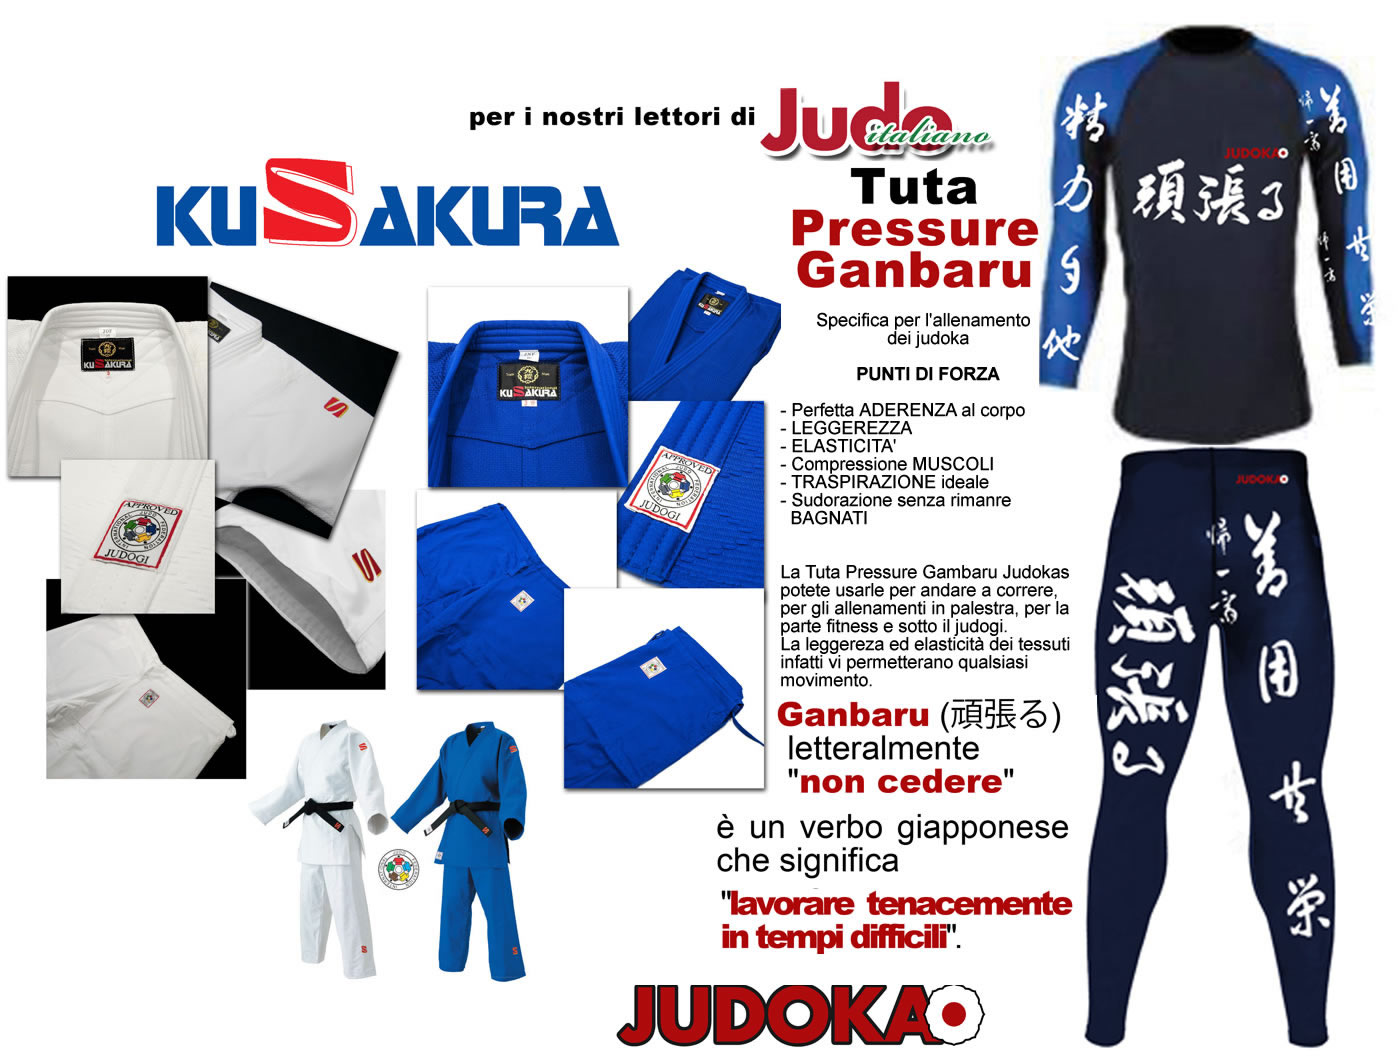 Accessori di Judo